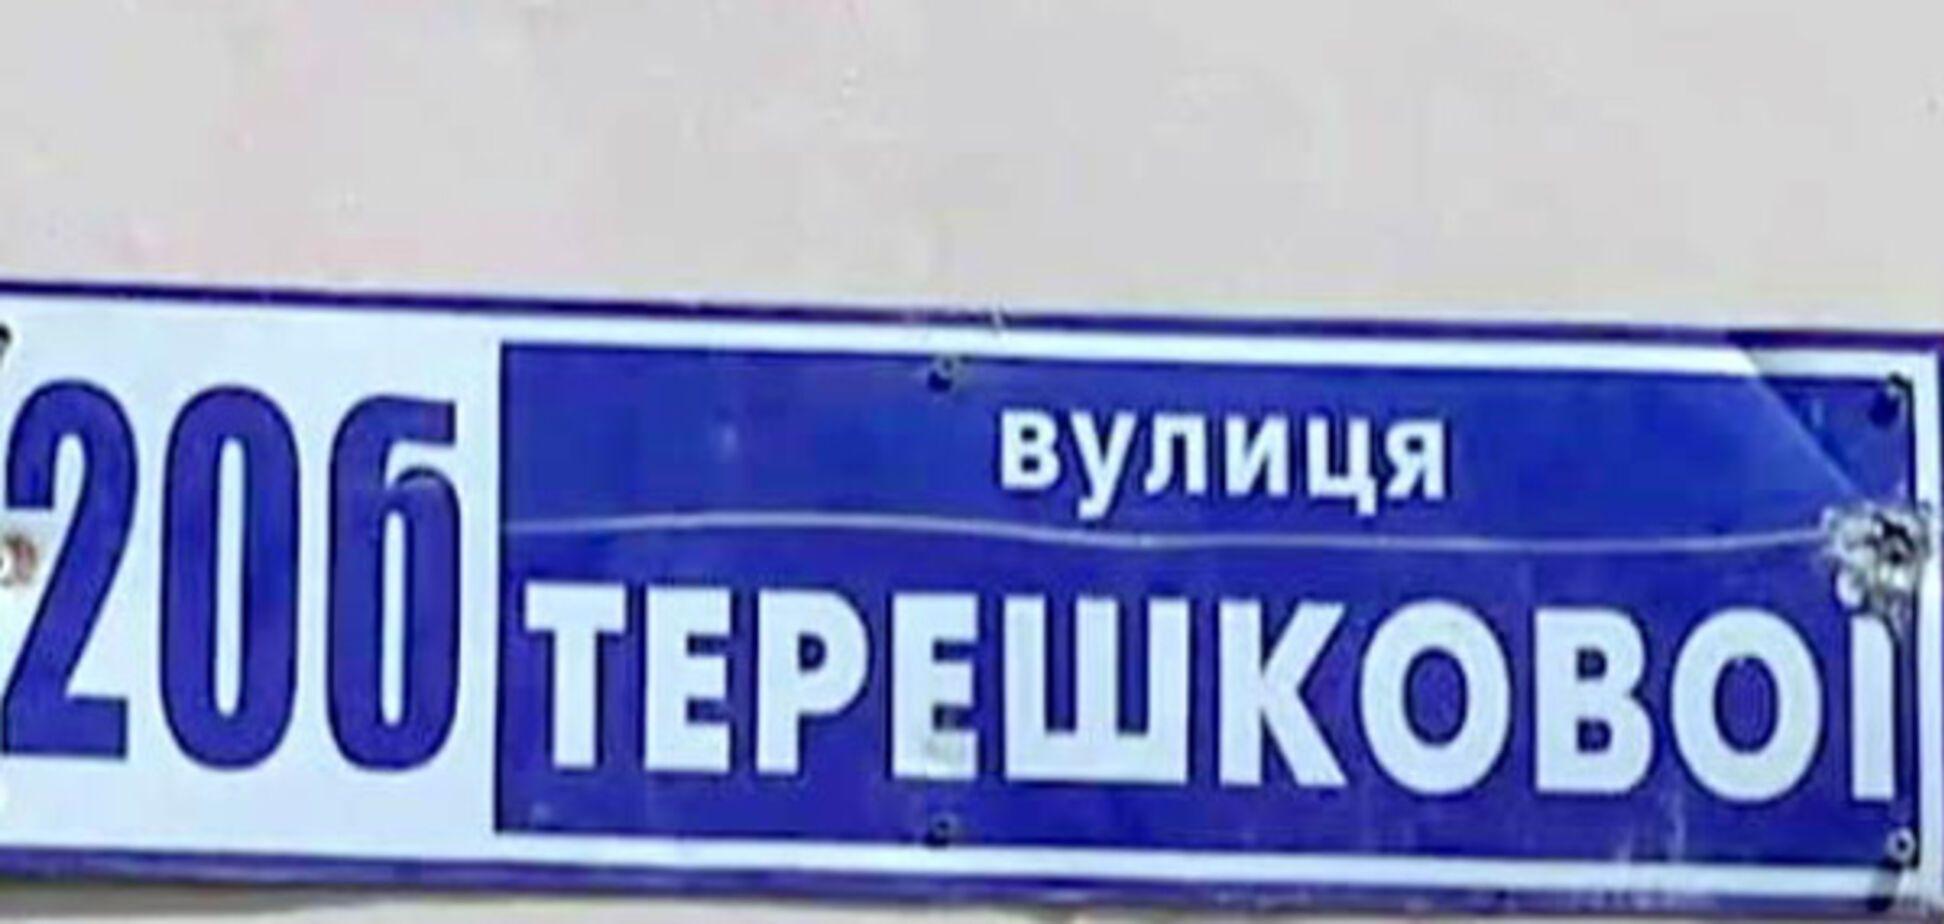 Вулиця Терешкової